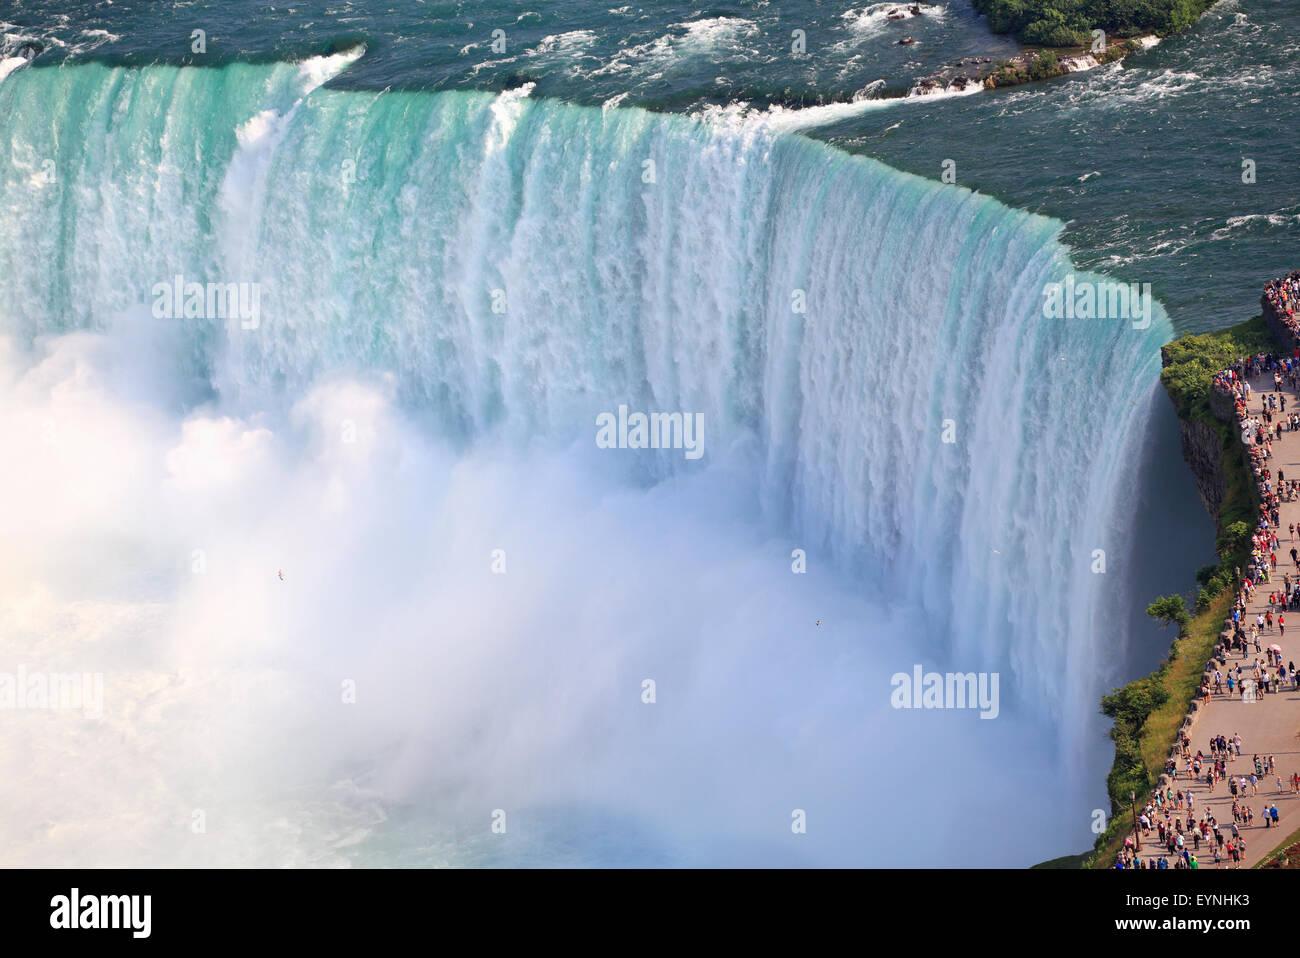 Cascate del Niagara, vista aerea, Canada Immagini Stock